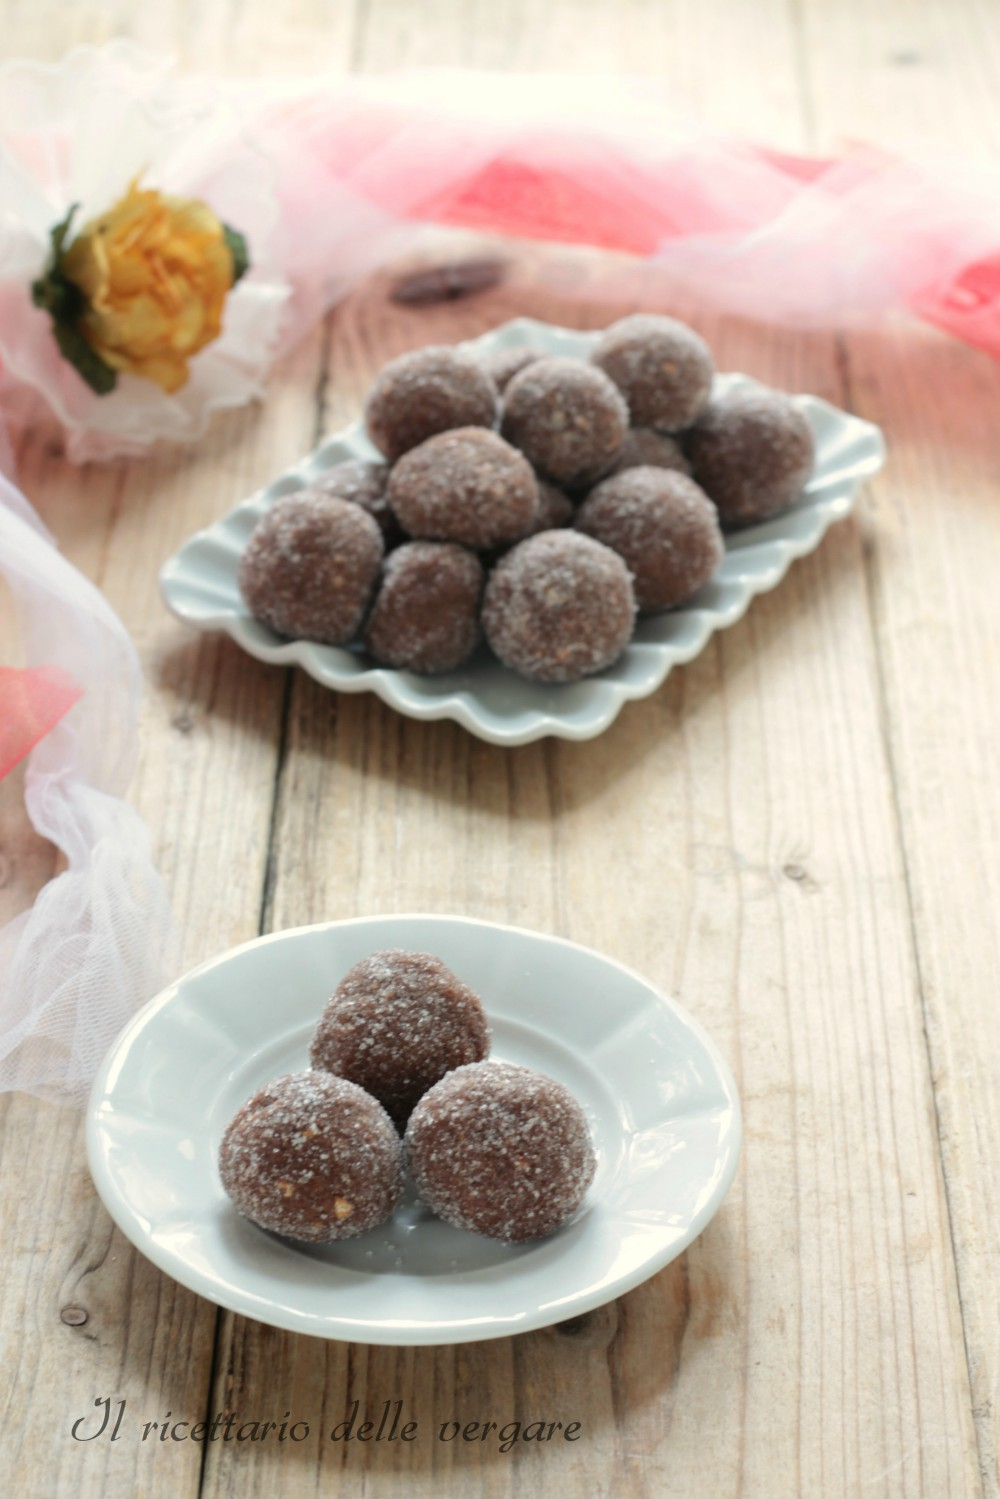 Praline di cioccolato e arancia il ricettario delle vergare - Bagno di cioccolato ...